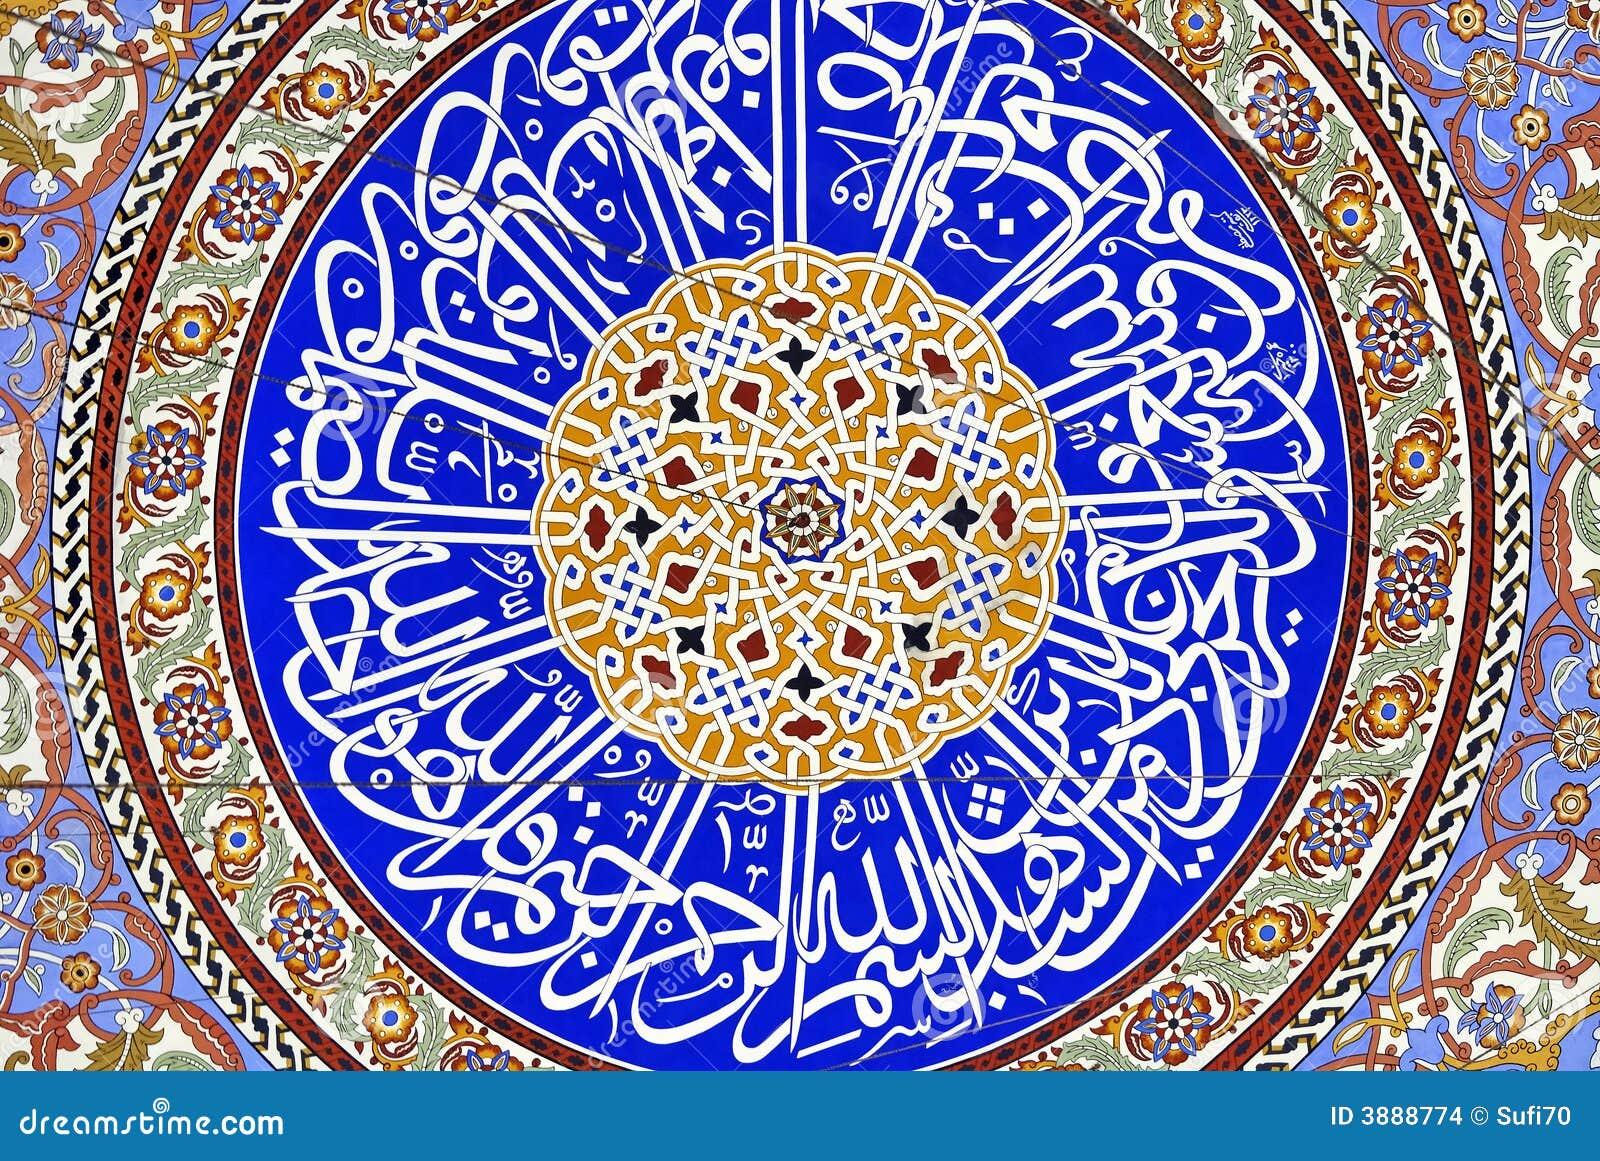 Arabische Kalligraphie In Der Moschee Stockfoto Bild